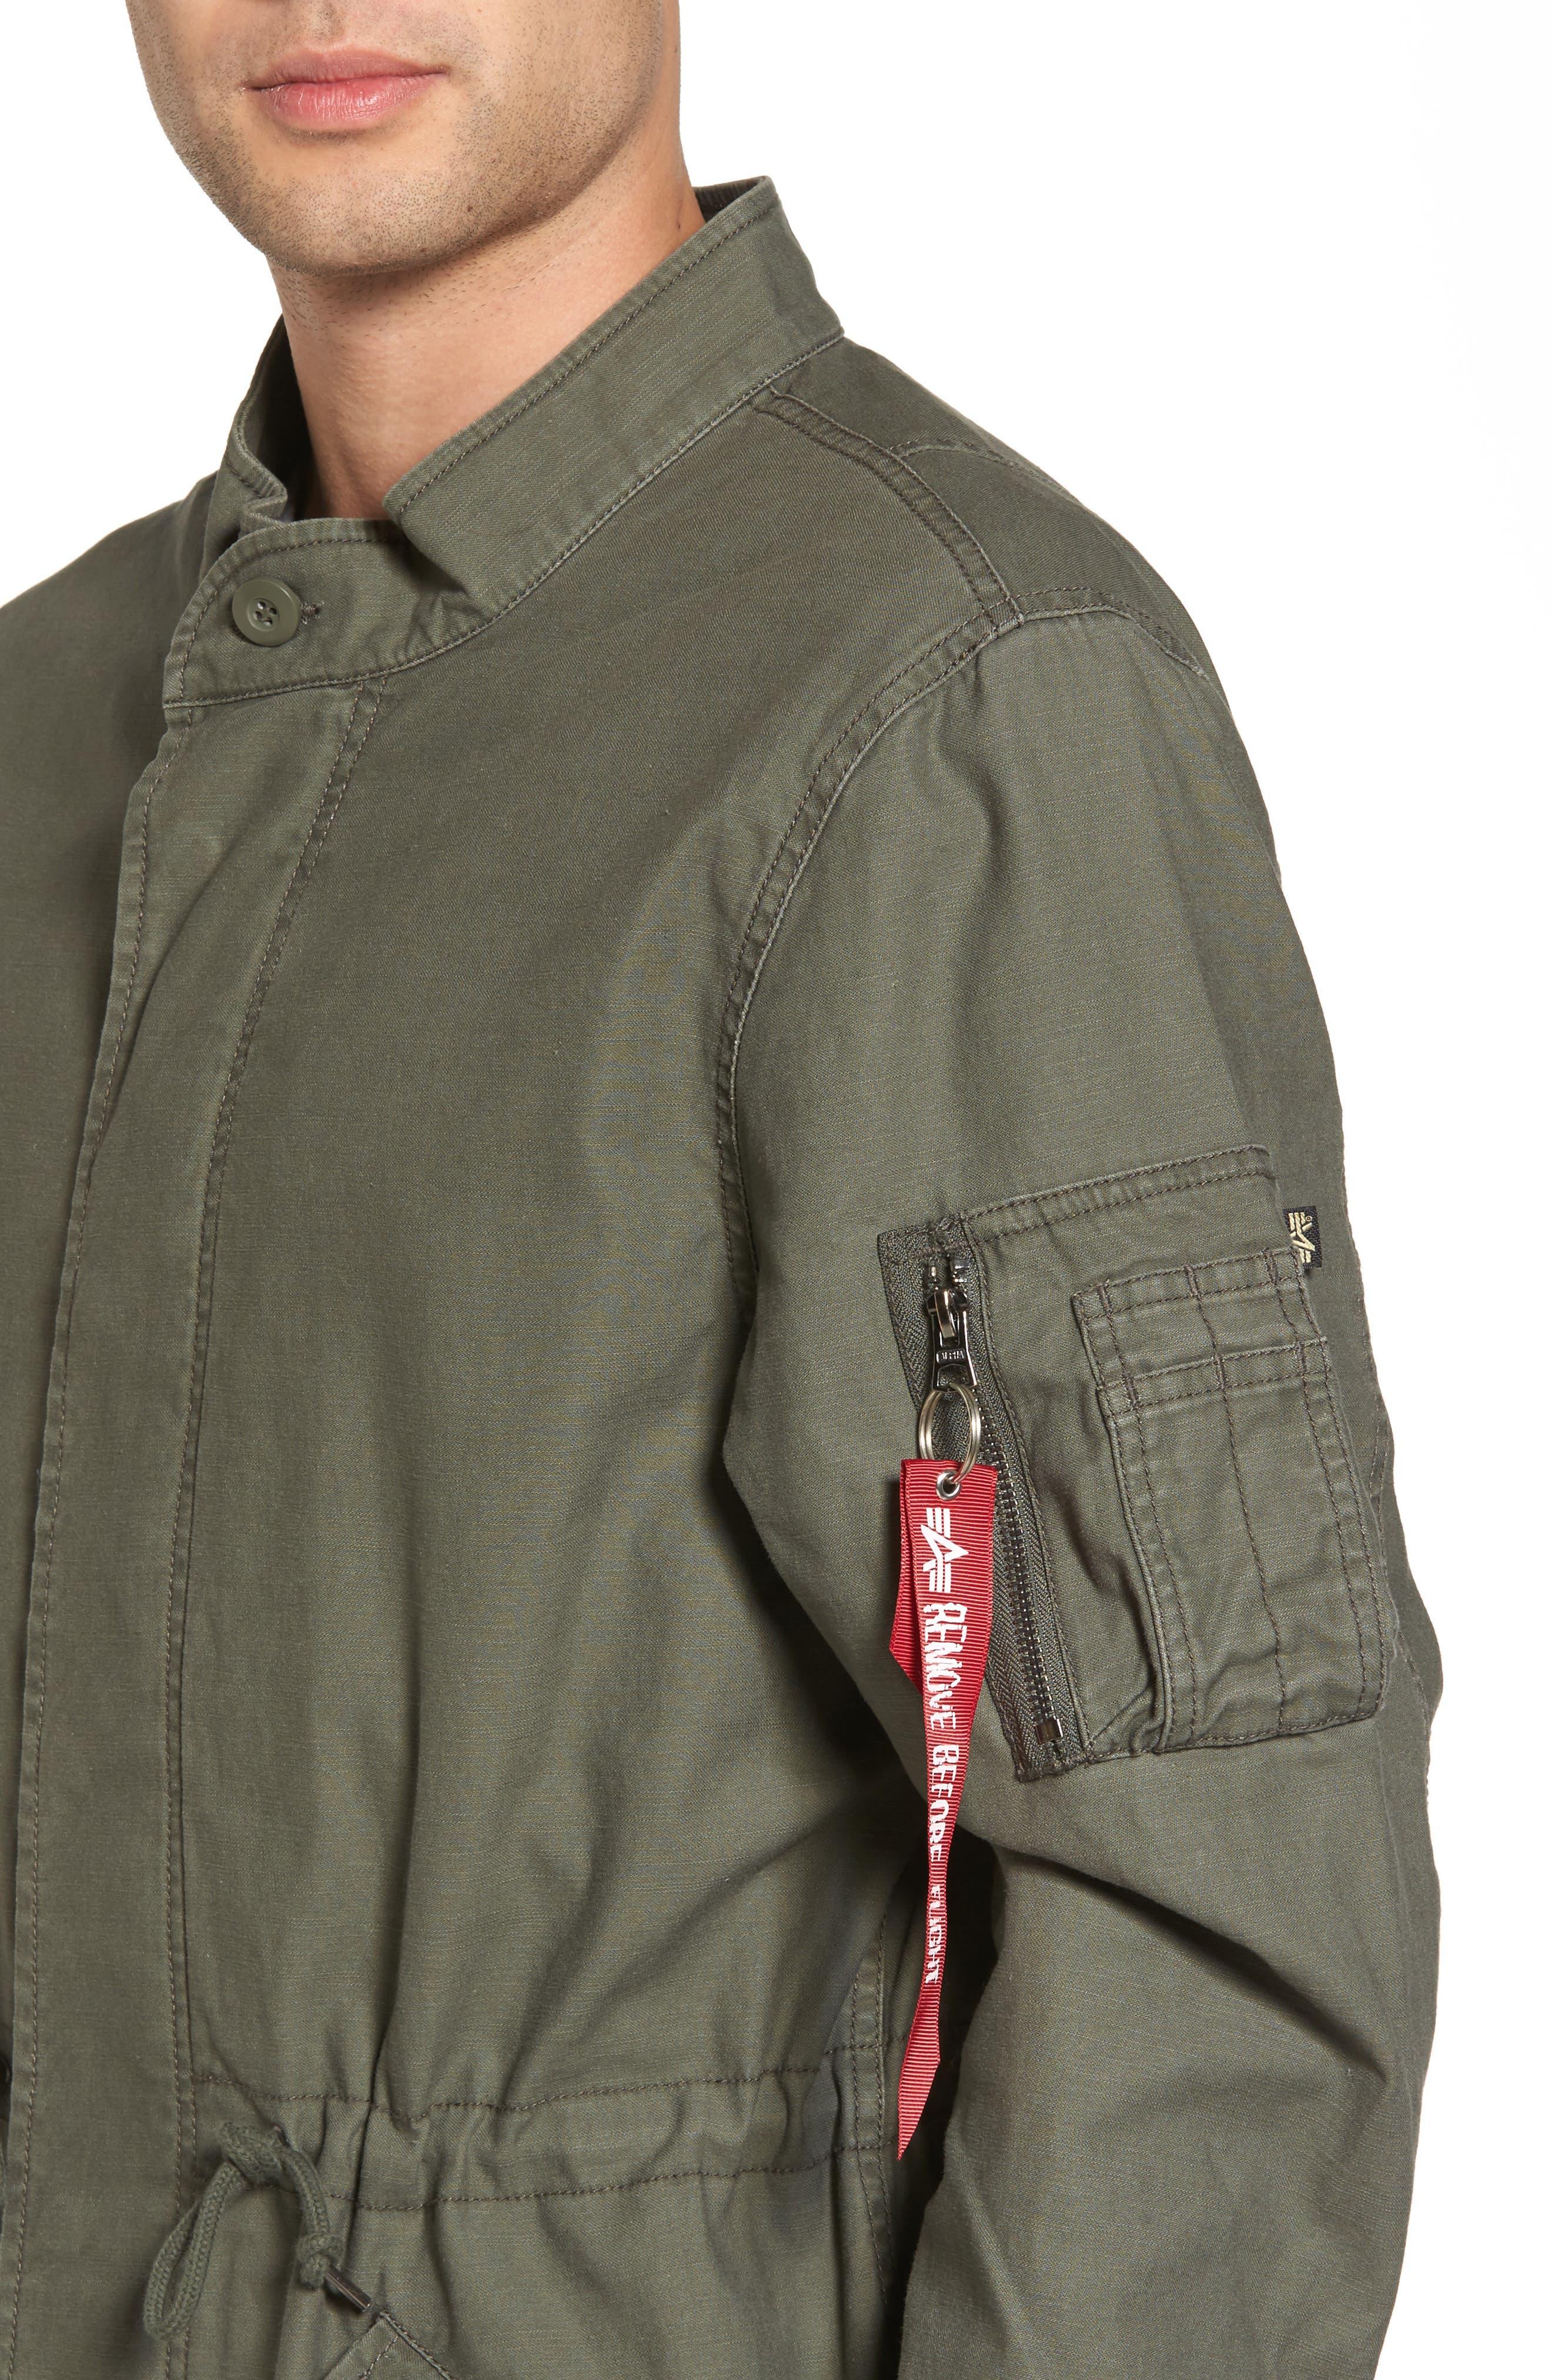 Recruit Fishtail Jacket,                             Alternate thumbnail 4, color,                             M-65 Olive